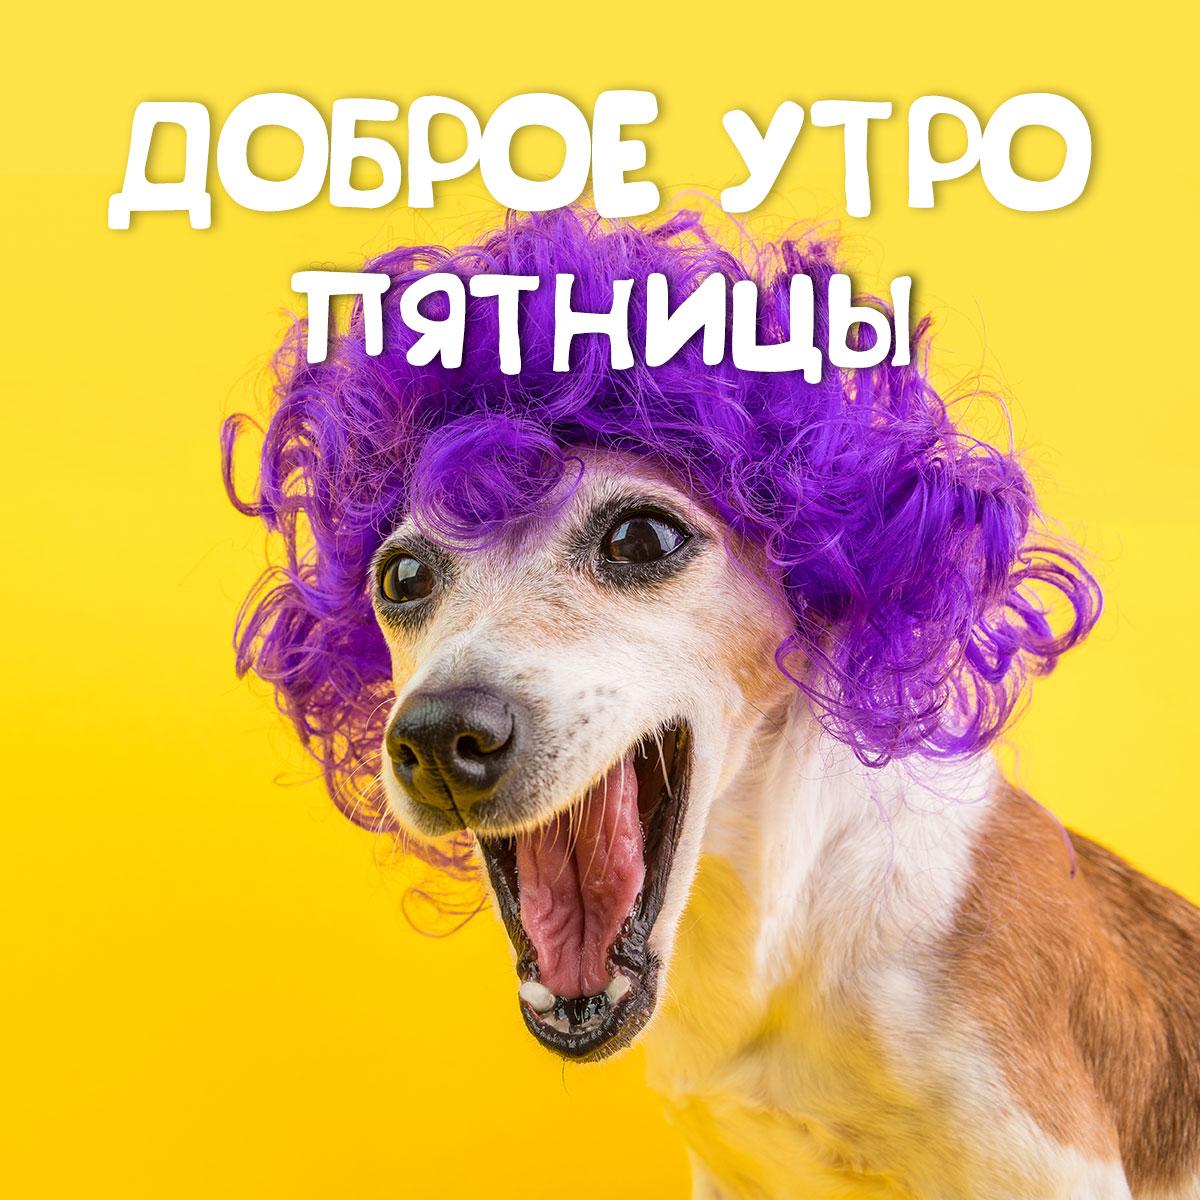 Картинка с добрым утром пятницы с мордой собаки в фиолетовом парике и текста на жёлтом фоне.